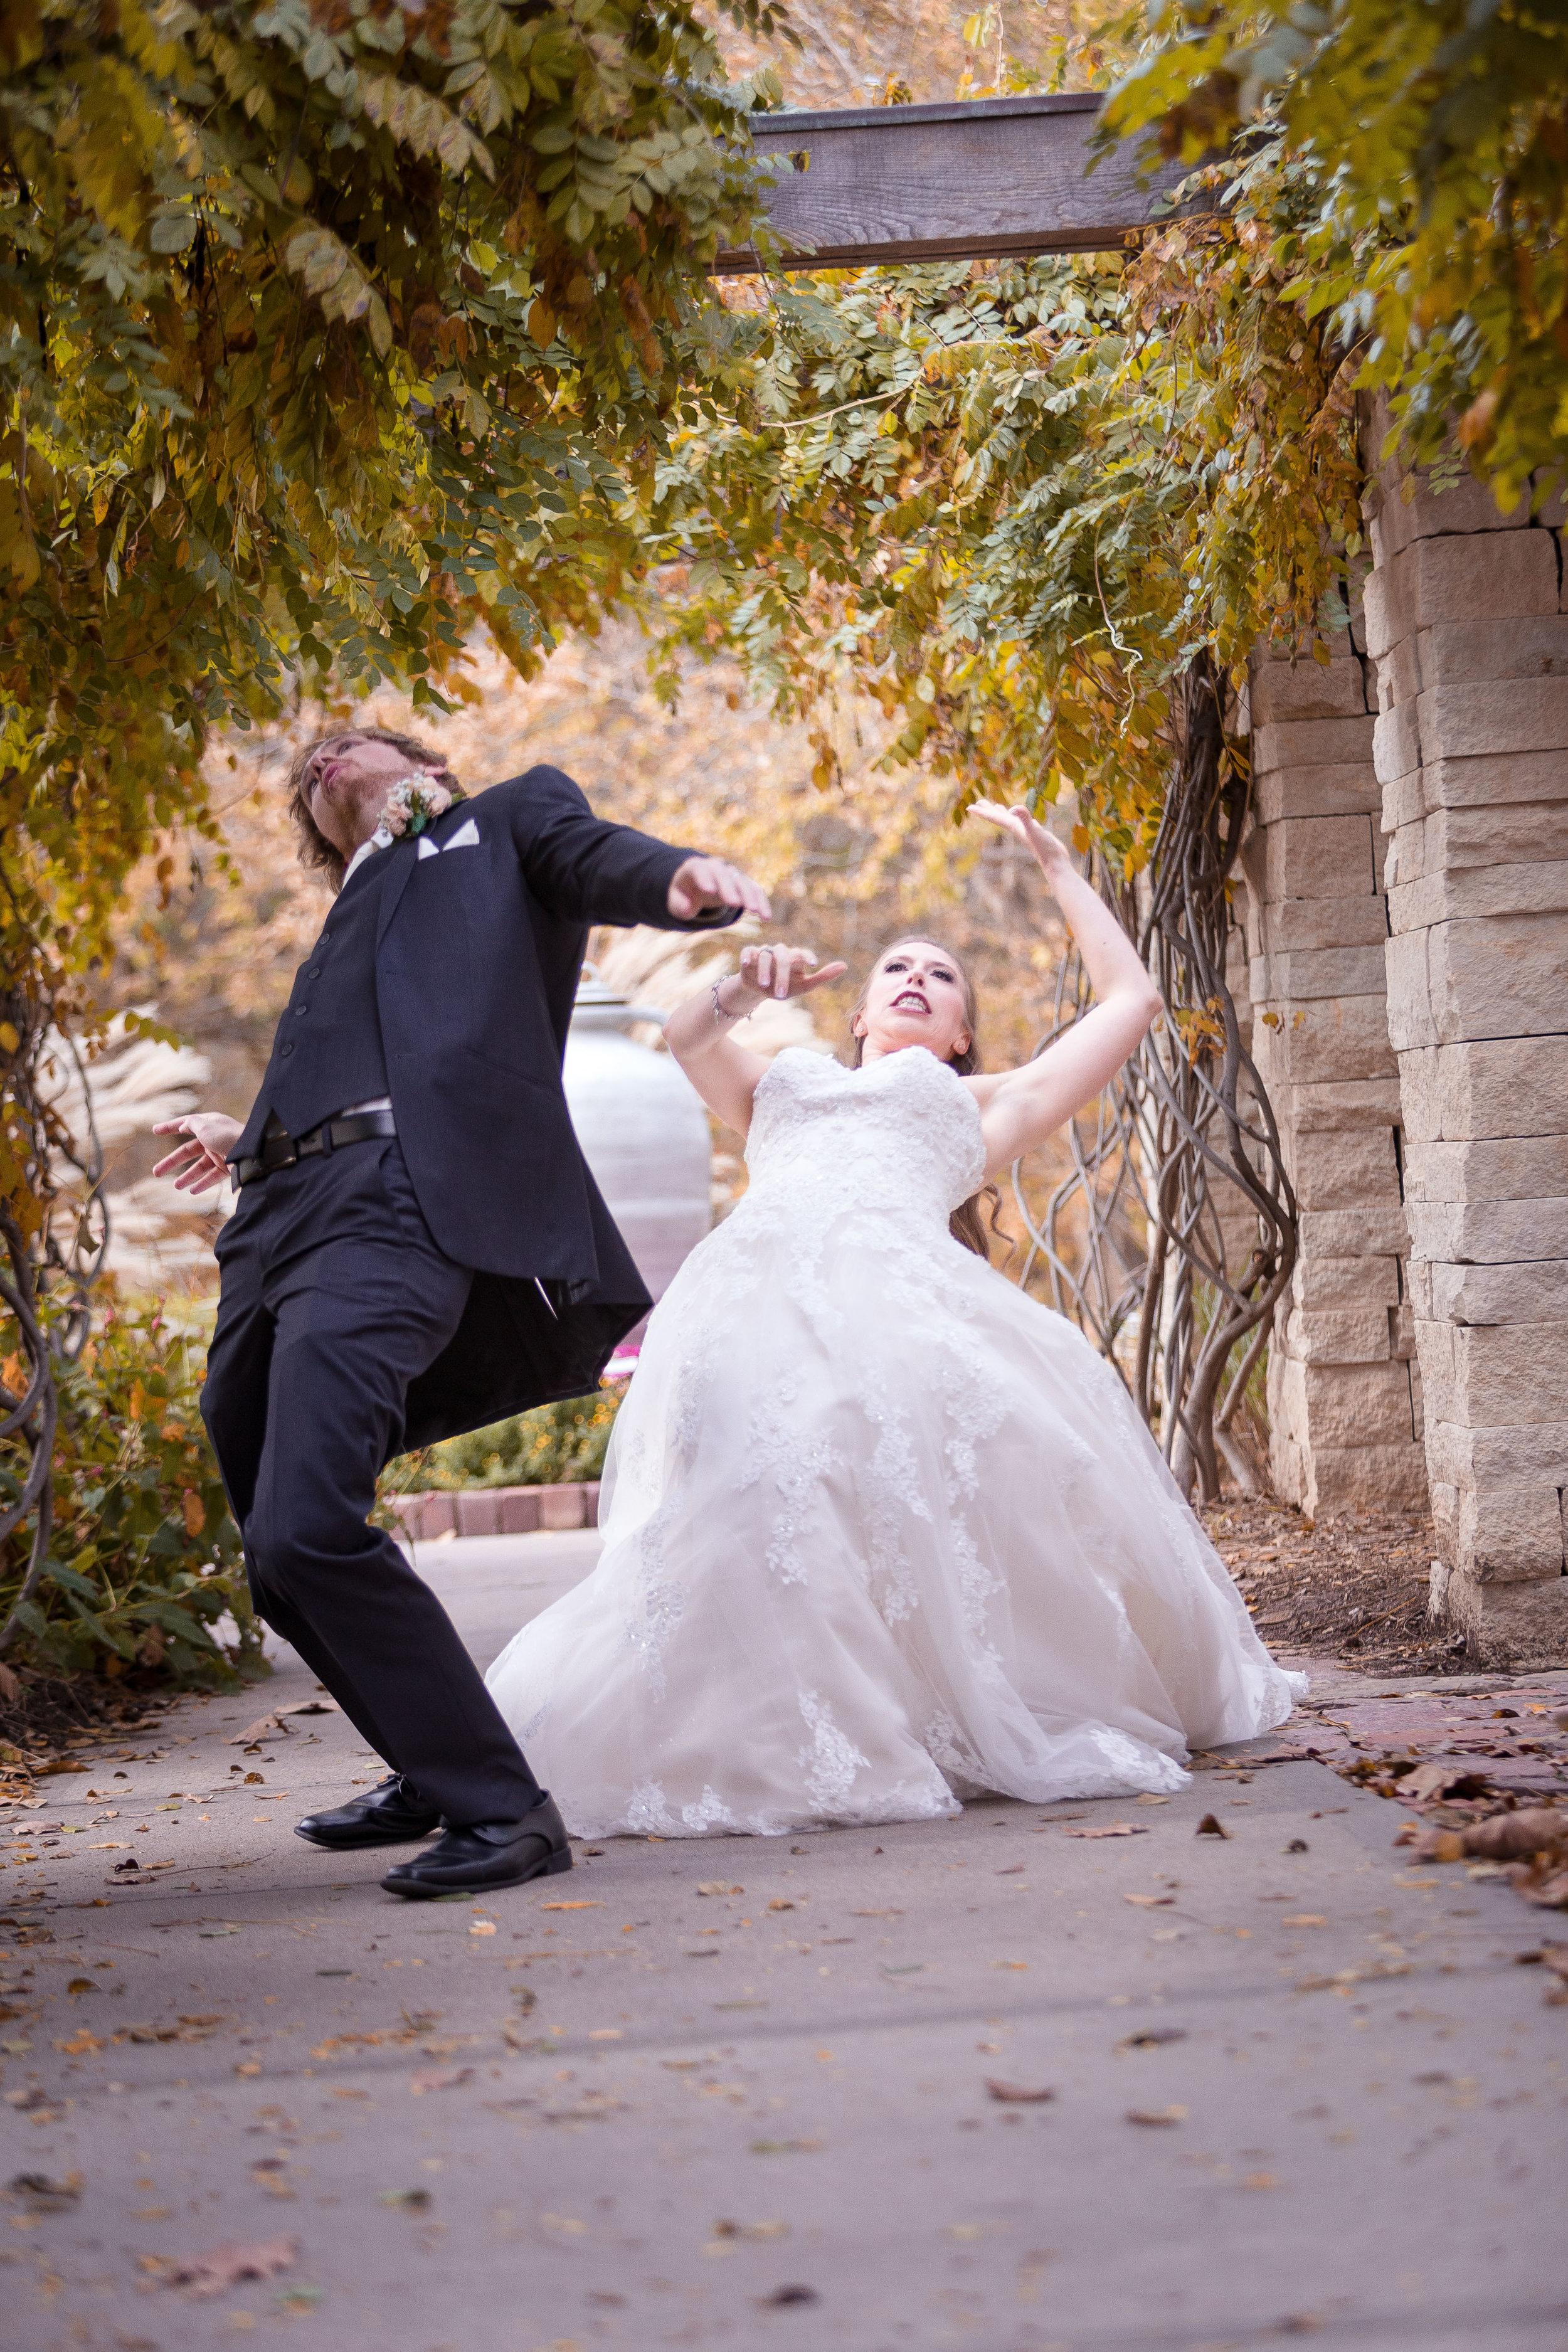 C_Wedding_Spellman, Megan & Tyler_10.27.18-837.JPG